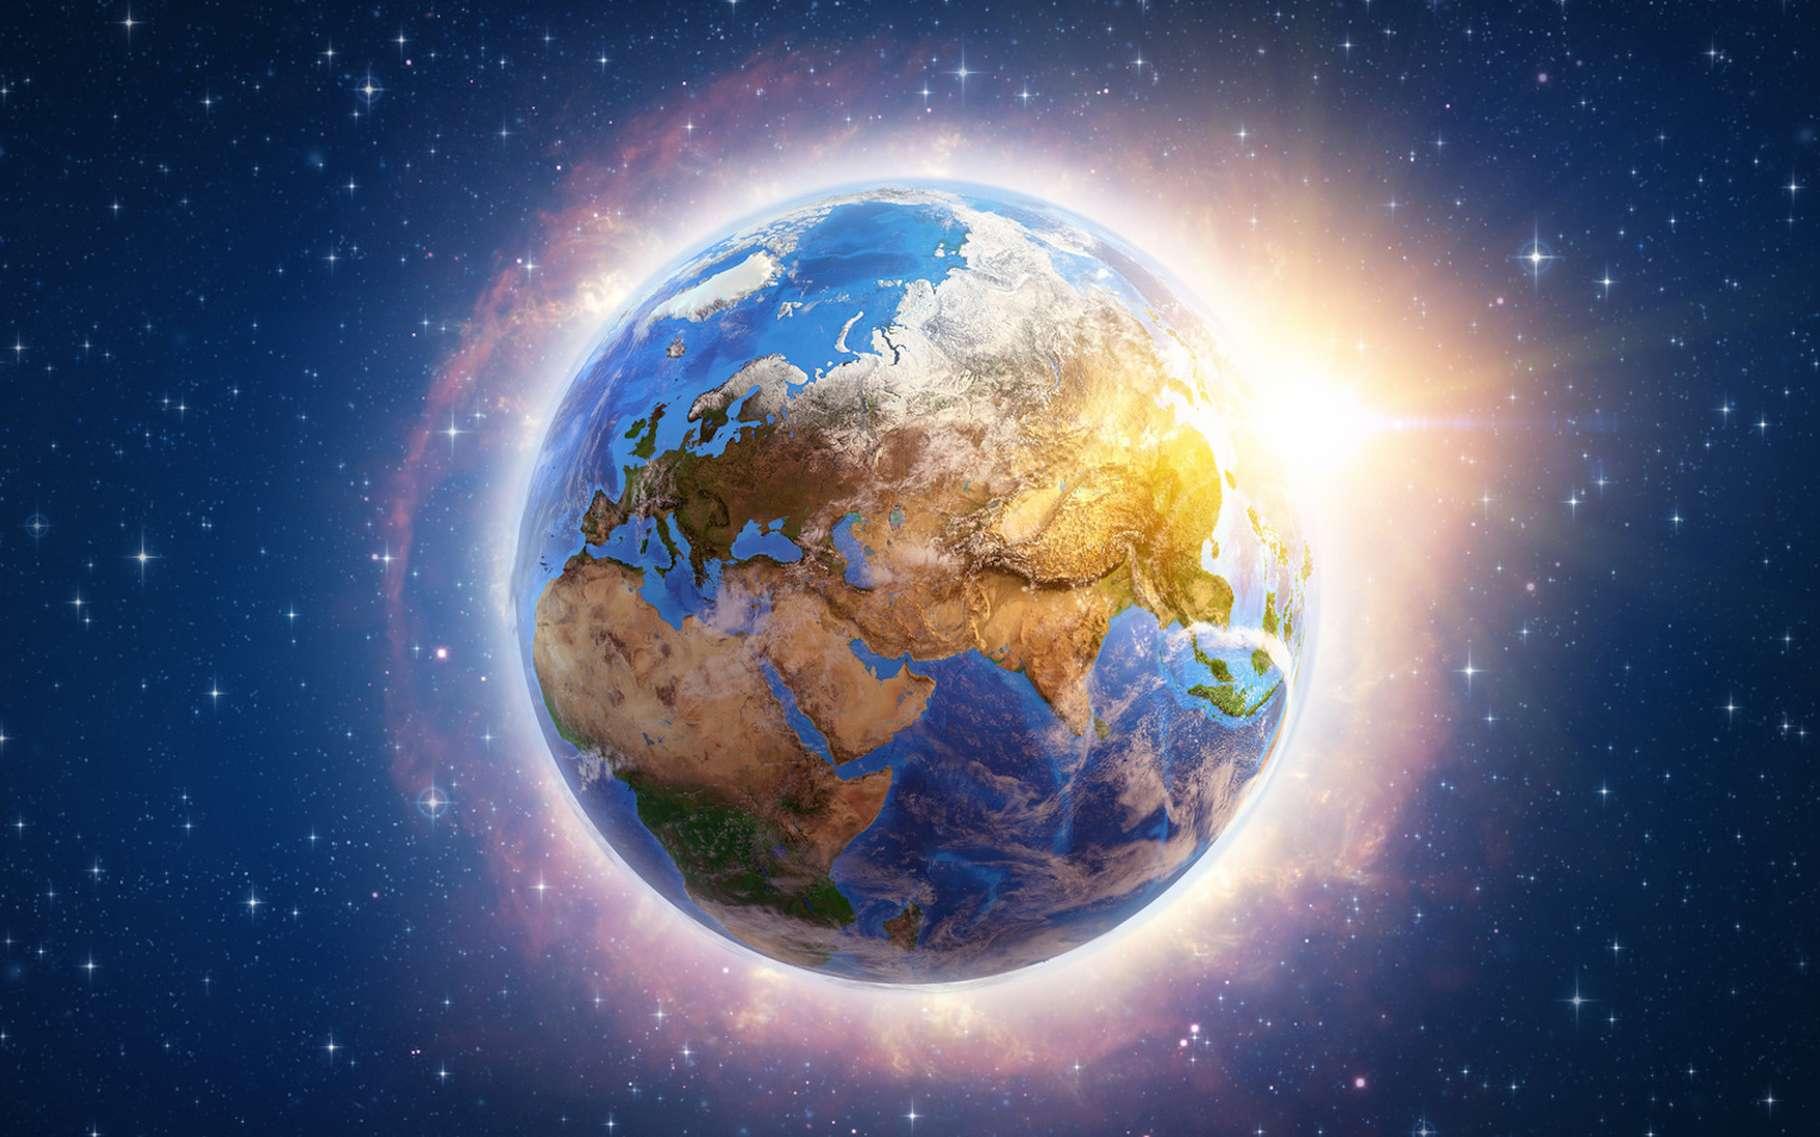 Le dernier état des lieux sur le climat de la Terre établi par l'Organisation météorologique mondiale (OMM) n'est pas rassurant : la température moyenne pour la période 2015-2019 devrait être plus élevée de 1,1 °C par rapport à la période 1850-1900. © mozZz, Fotolia